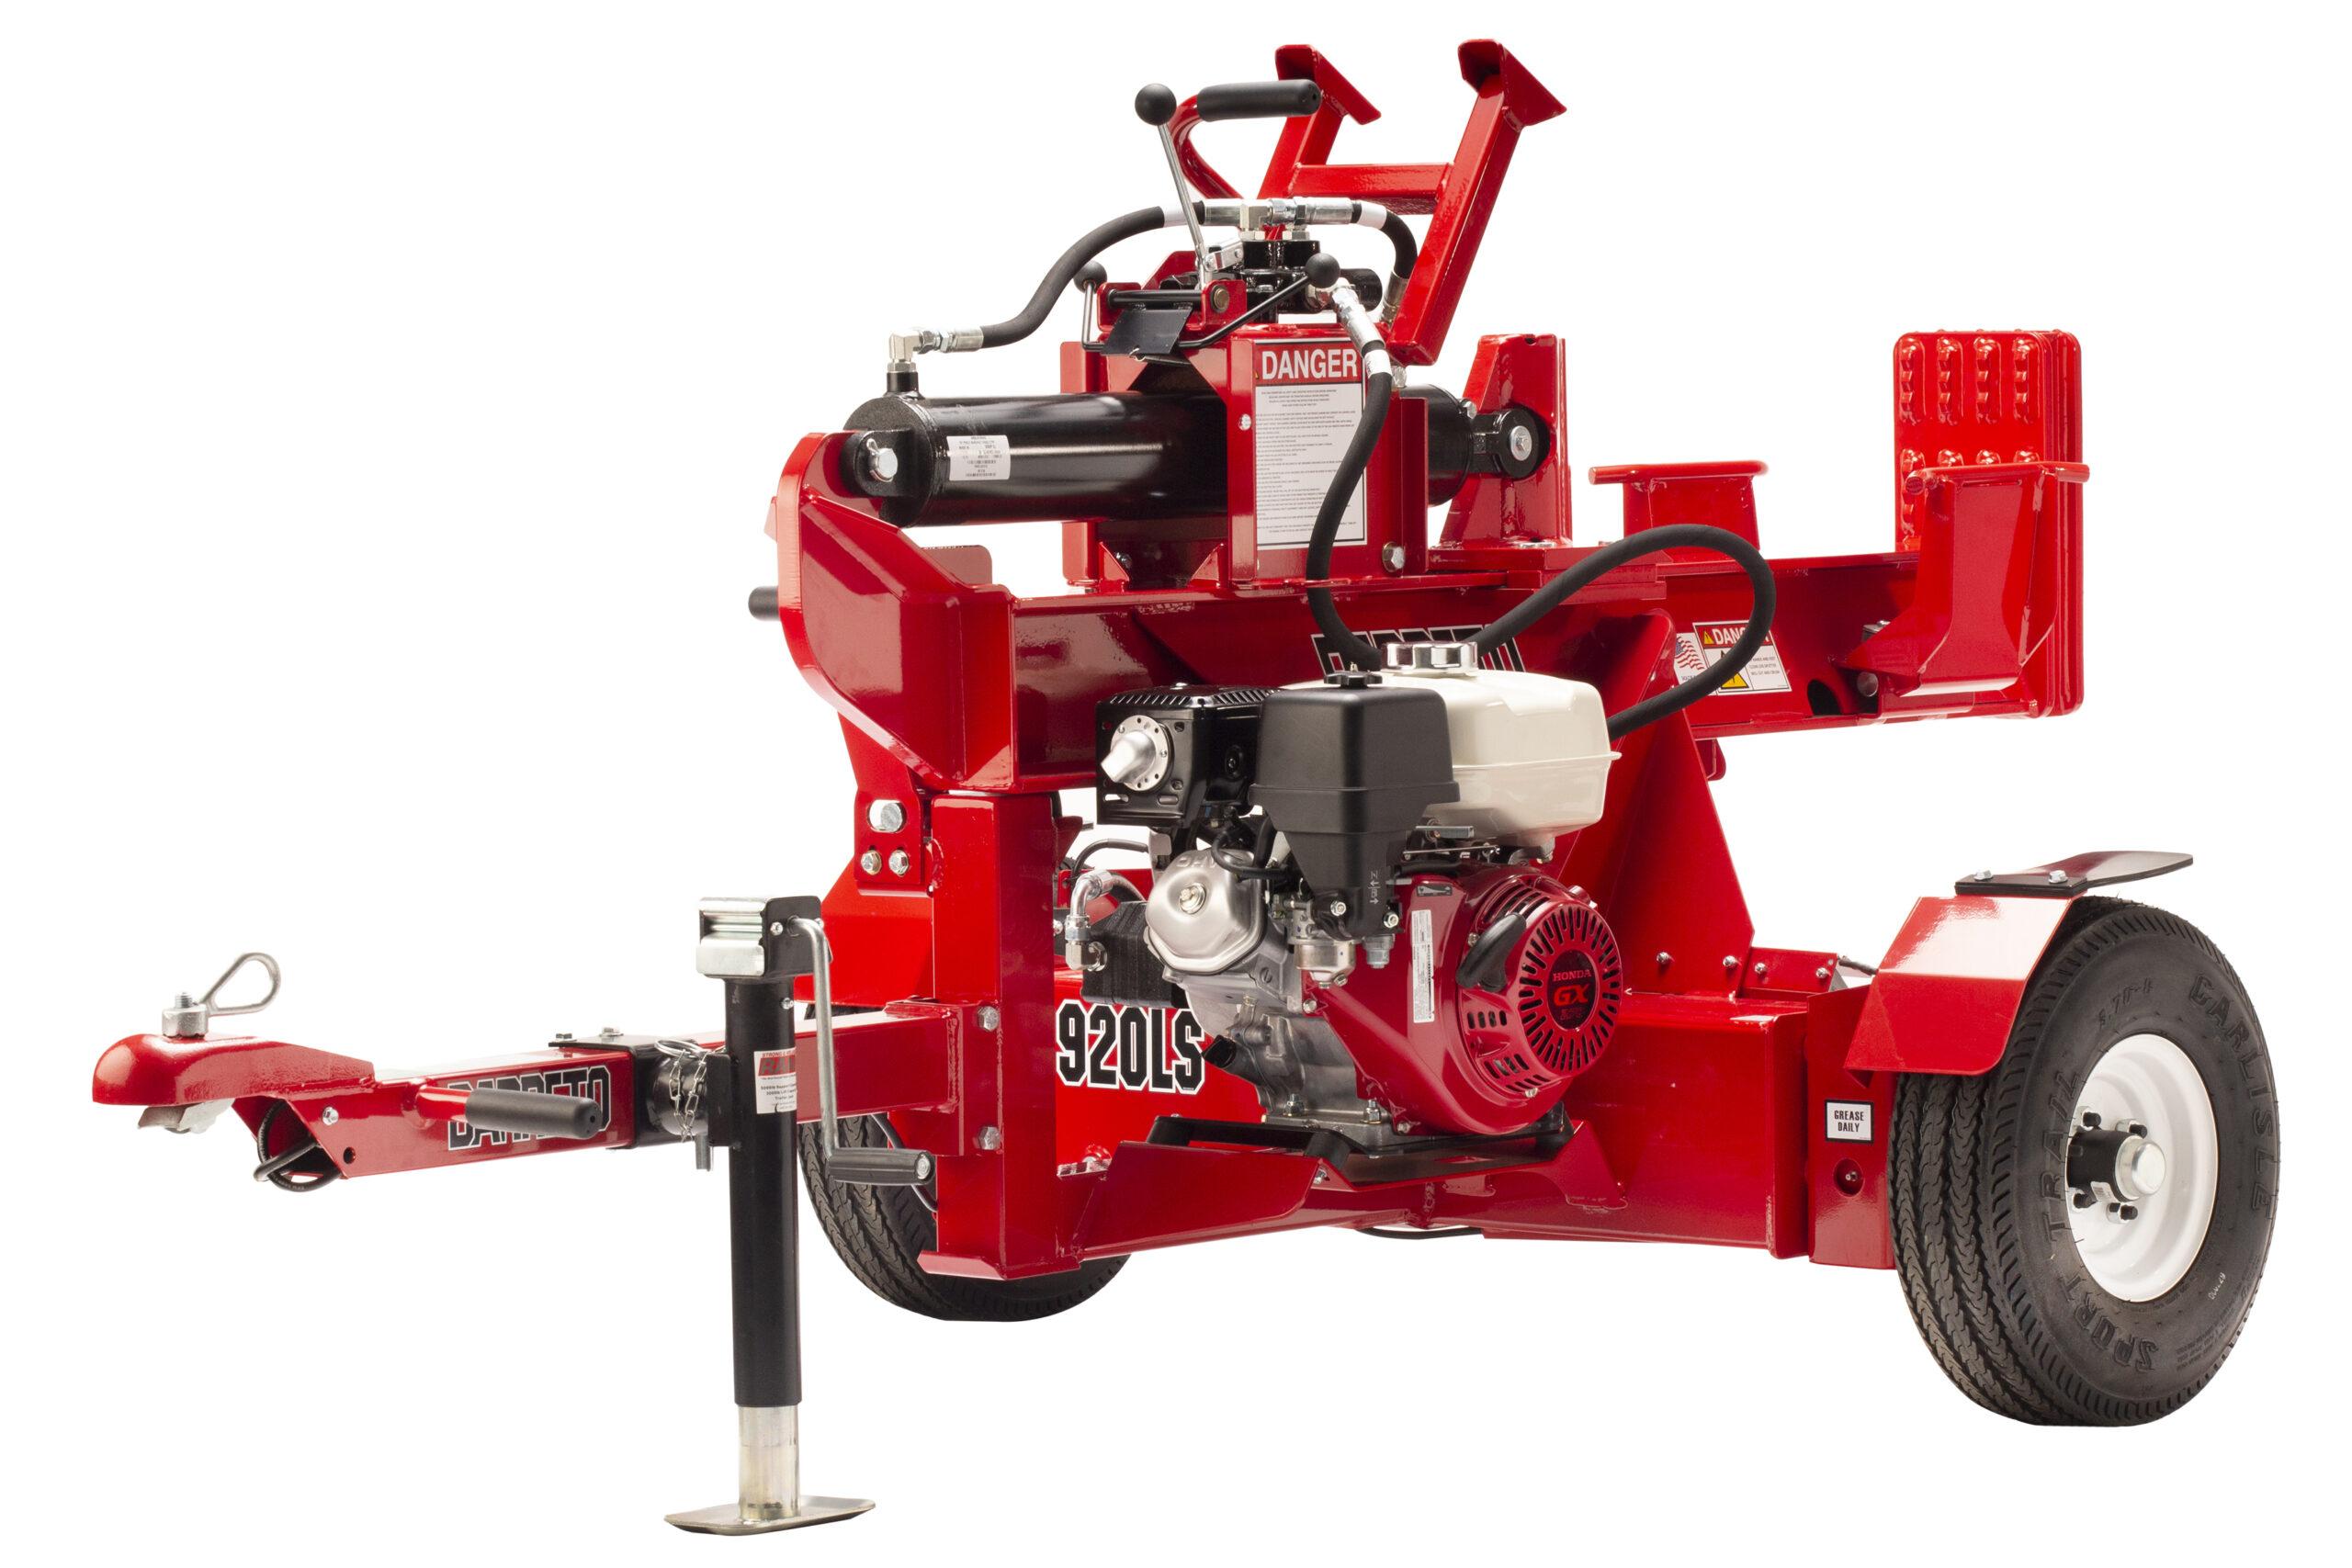 920LS Log Splitter14